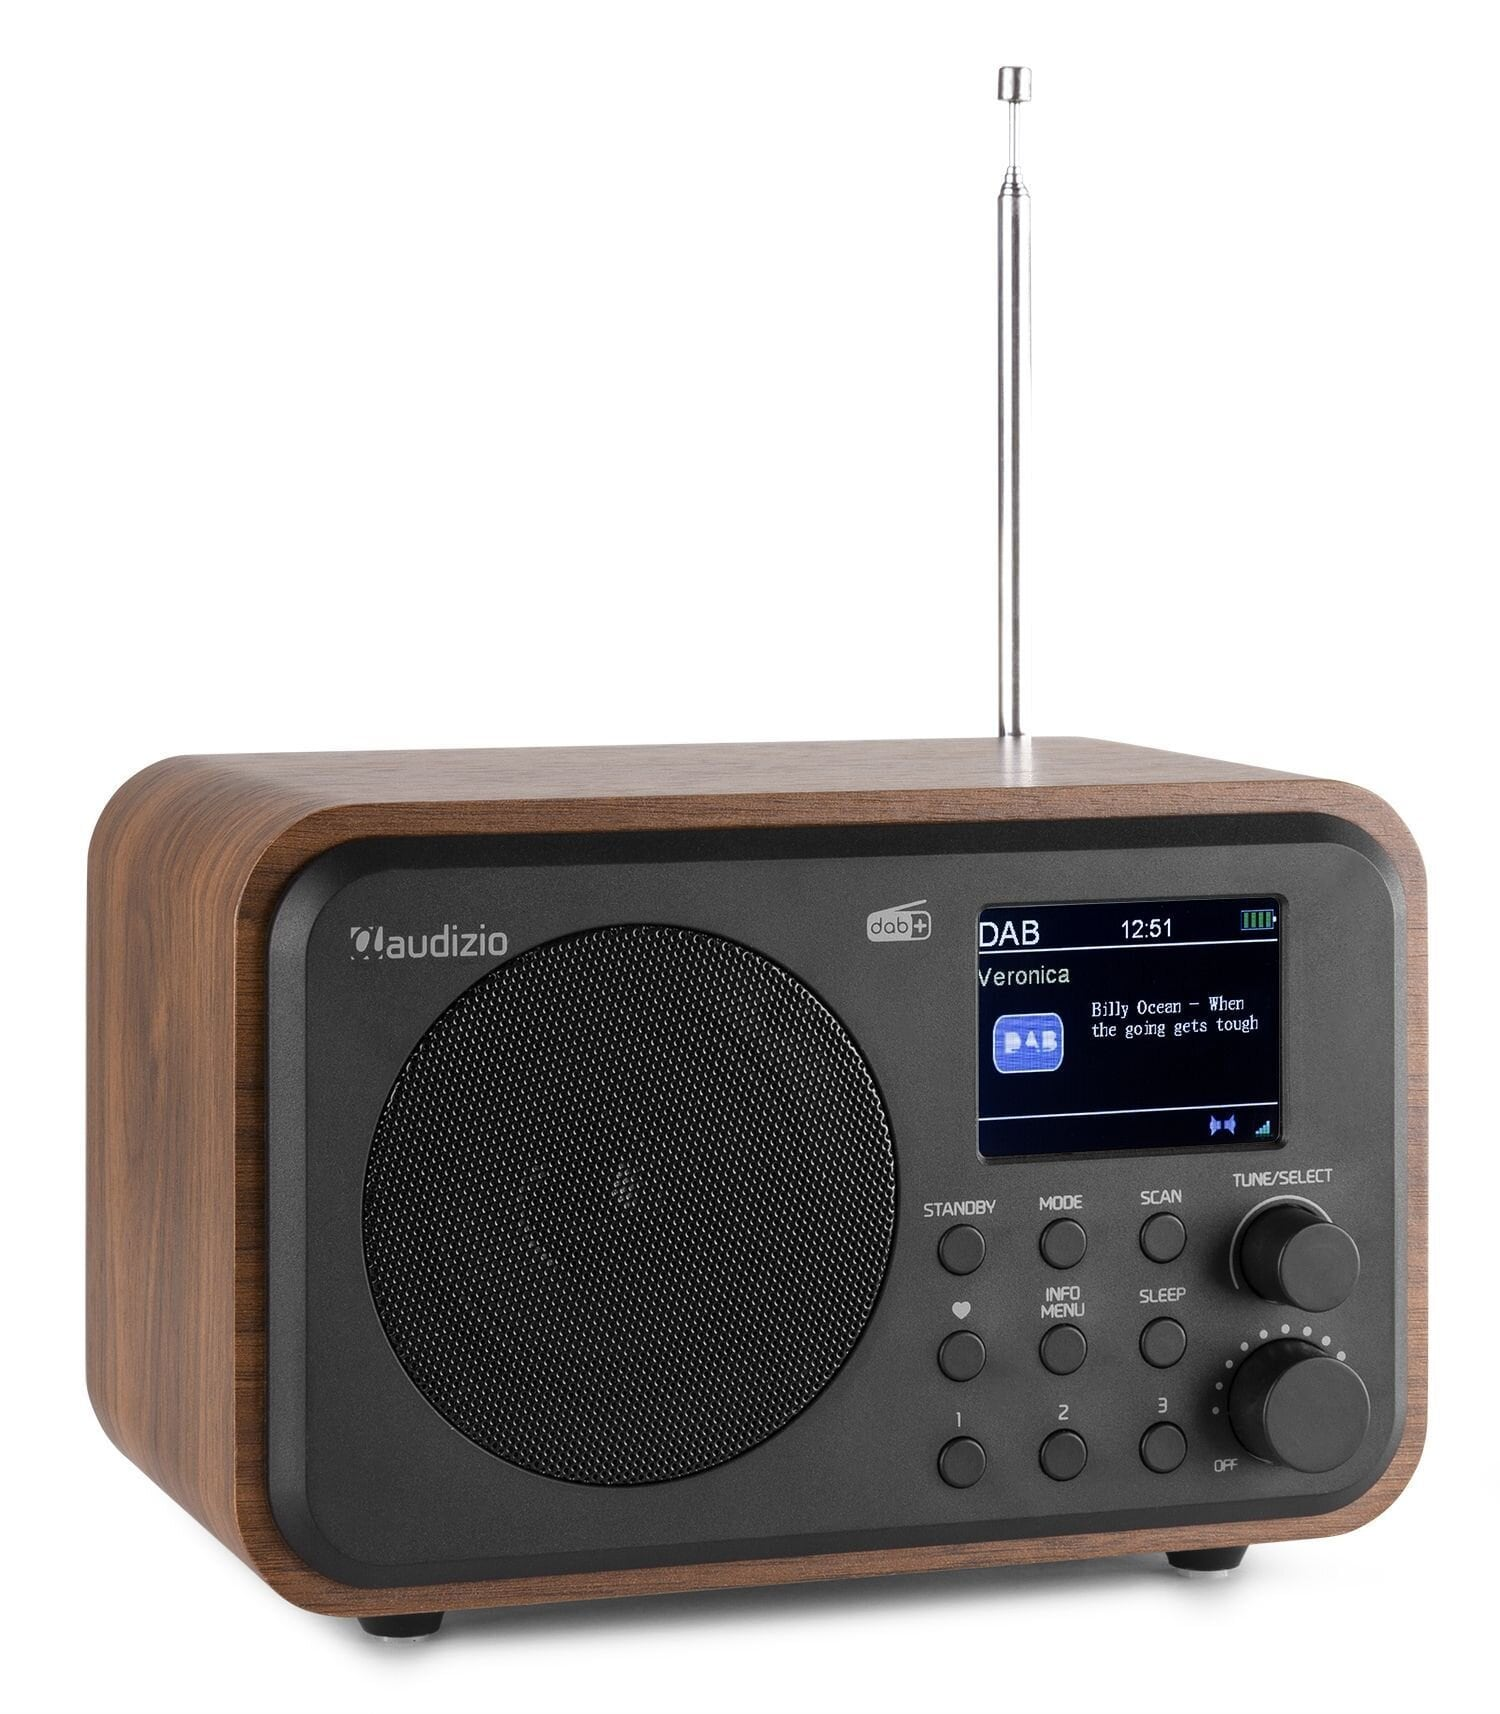 Audizio Milan bärbar DAB-radio med Bluetooth, FM-radio och batteri - Trä färgad